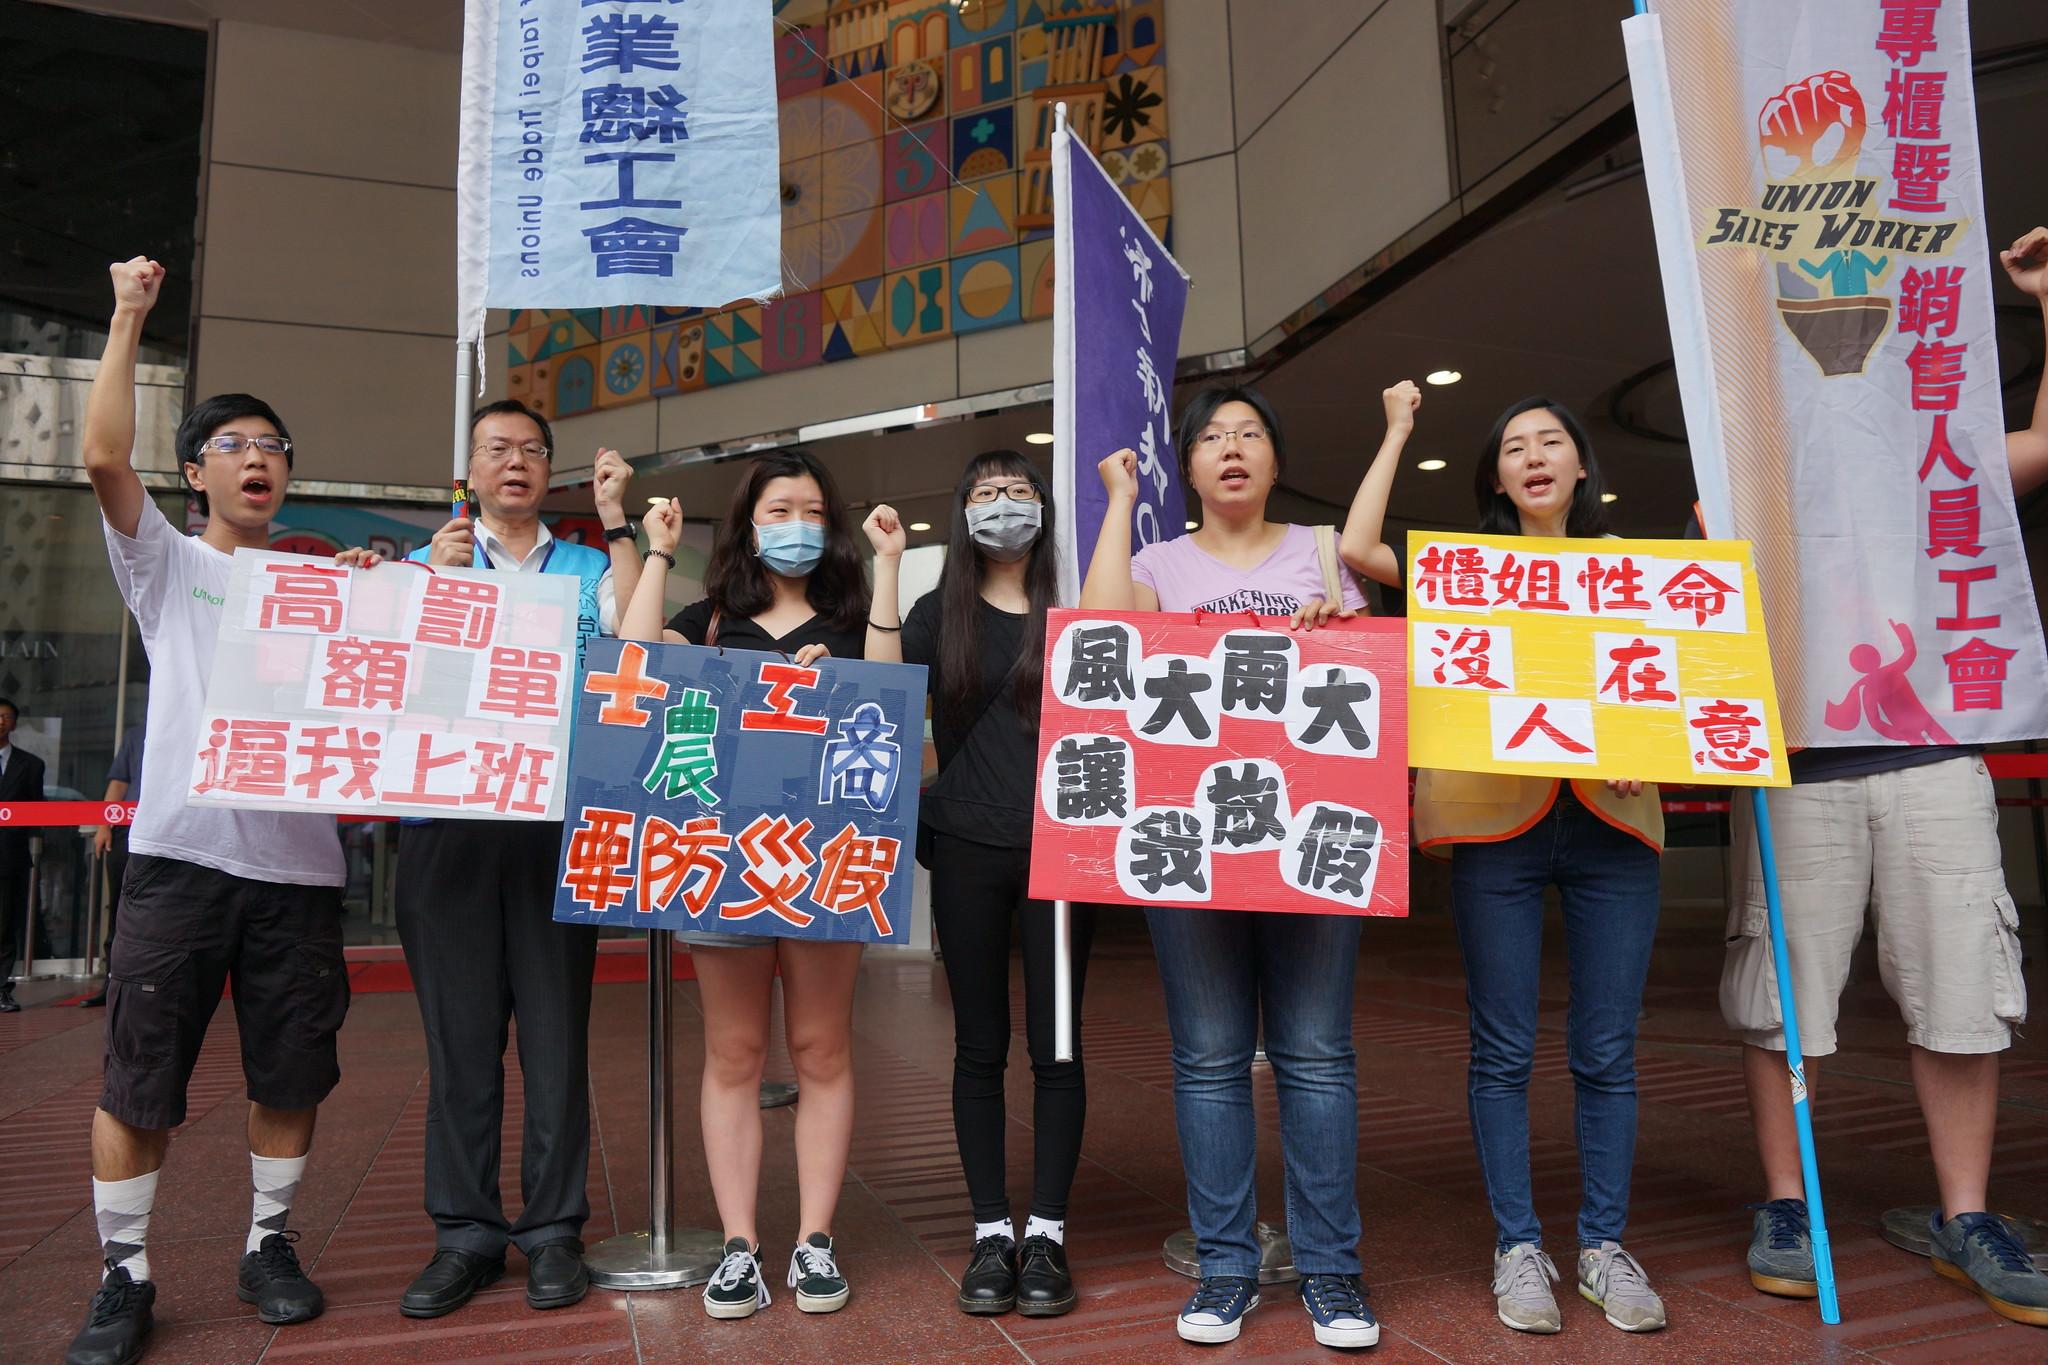 專櫃暨銷售人員工會在台北忠孝SOGO前呼籲百貨業者不該在颱風天強迫專櫃人員出勤。(攝影:王顥中)